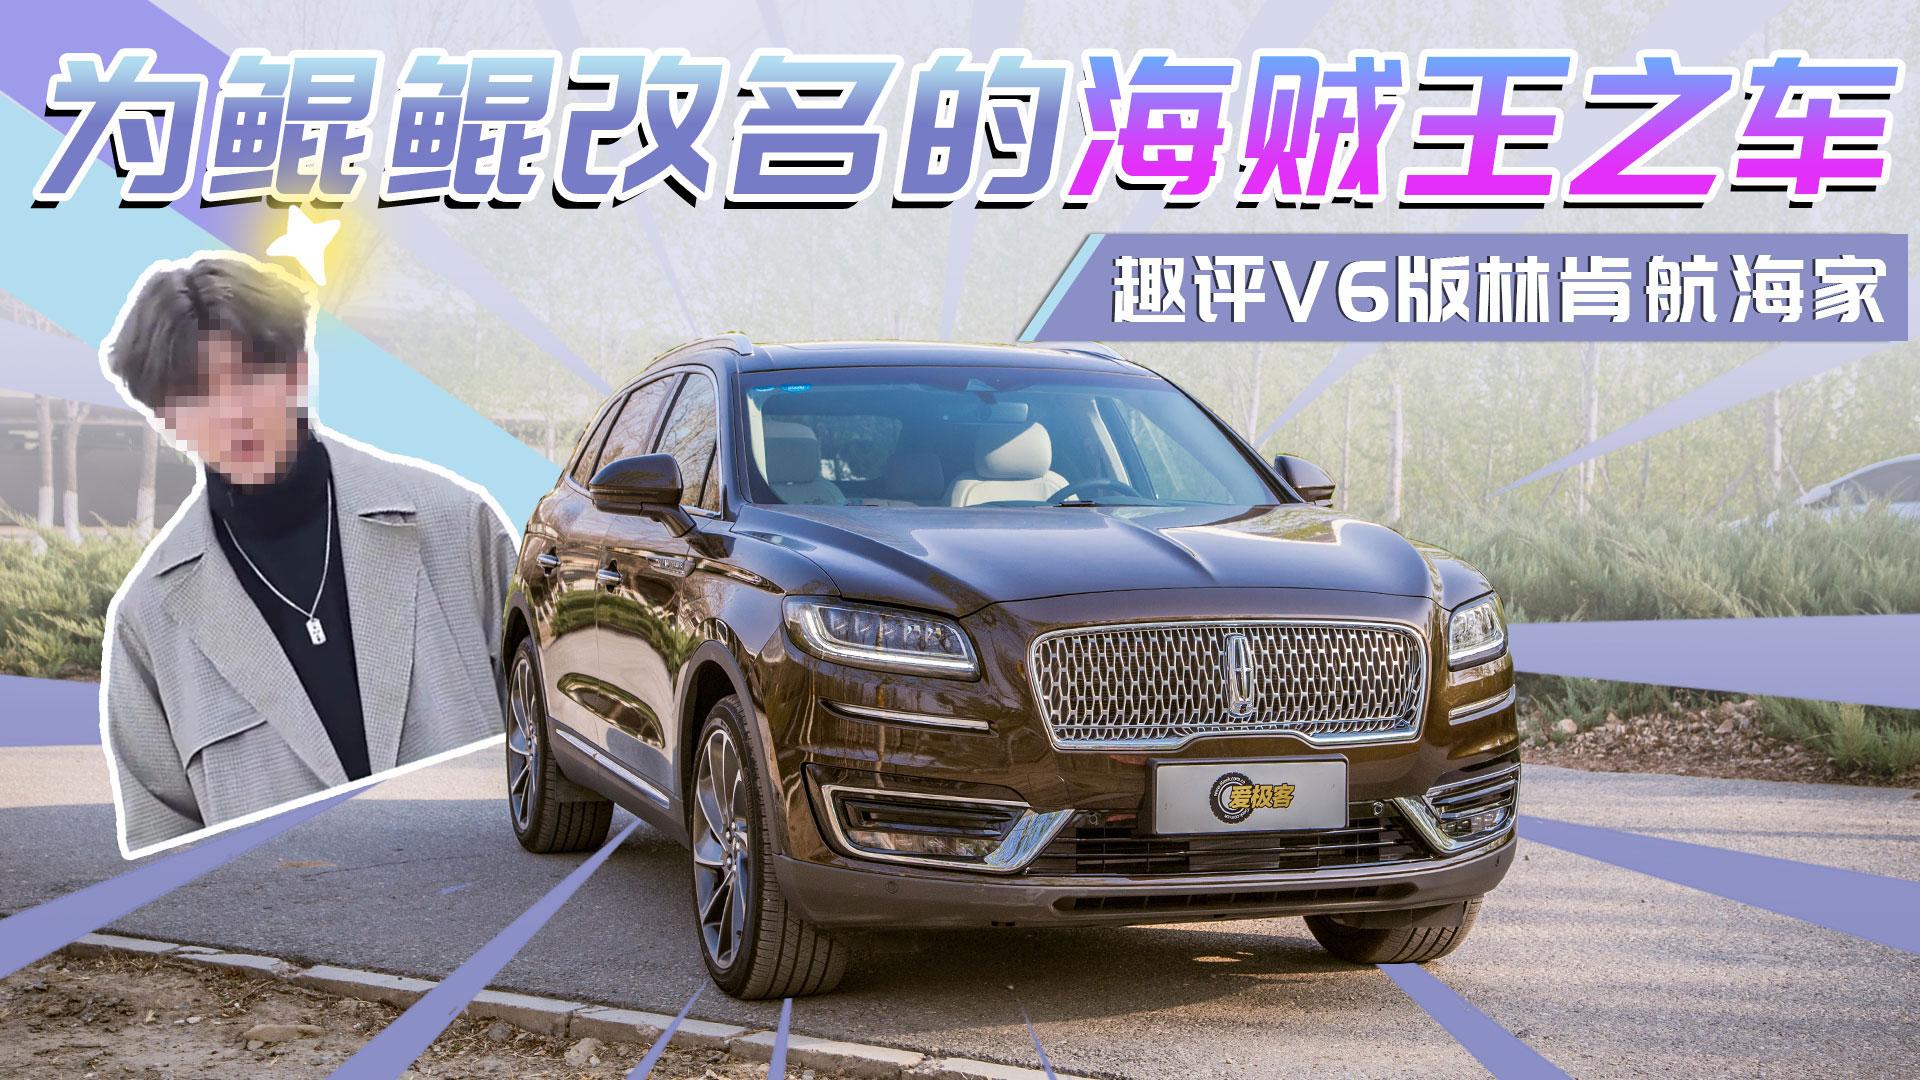 【扯扯车】50万买到美系大V6豪华SUV 动力空间看呆X3 GLC